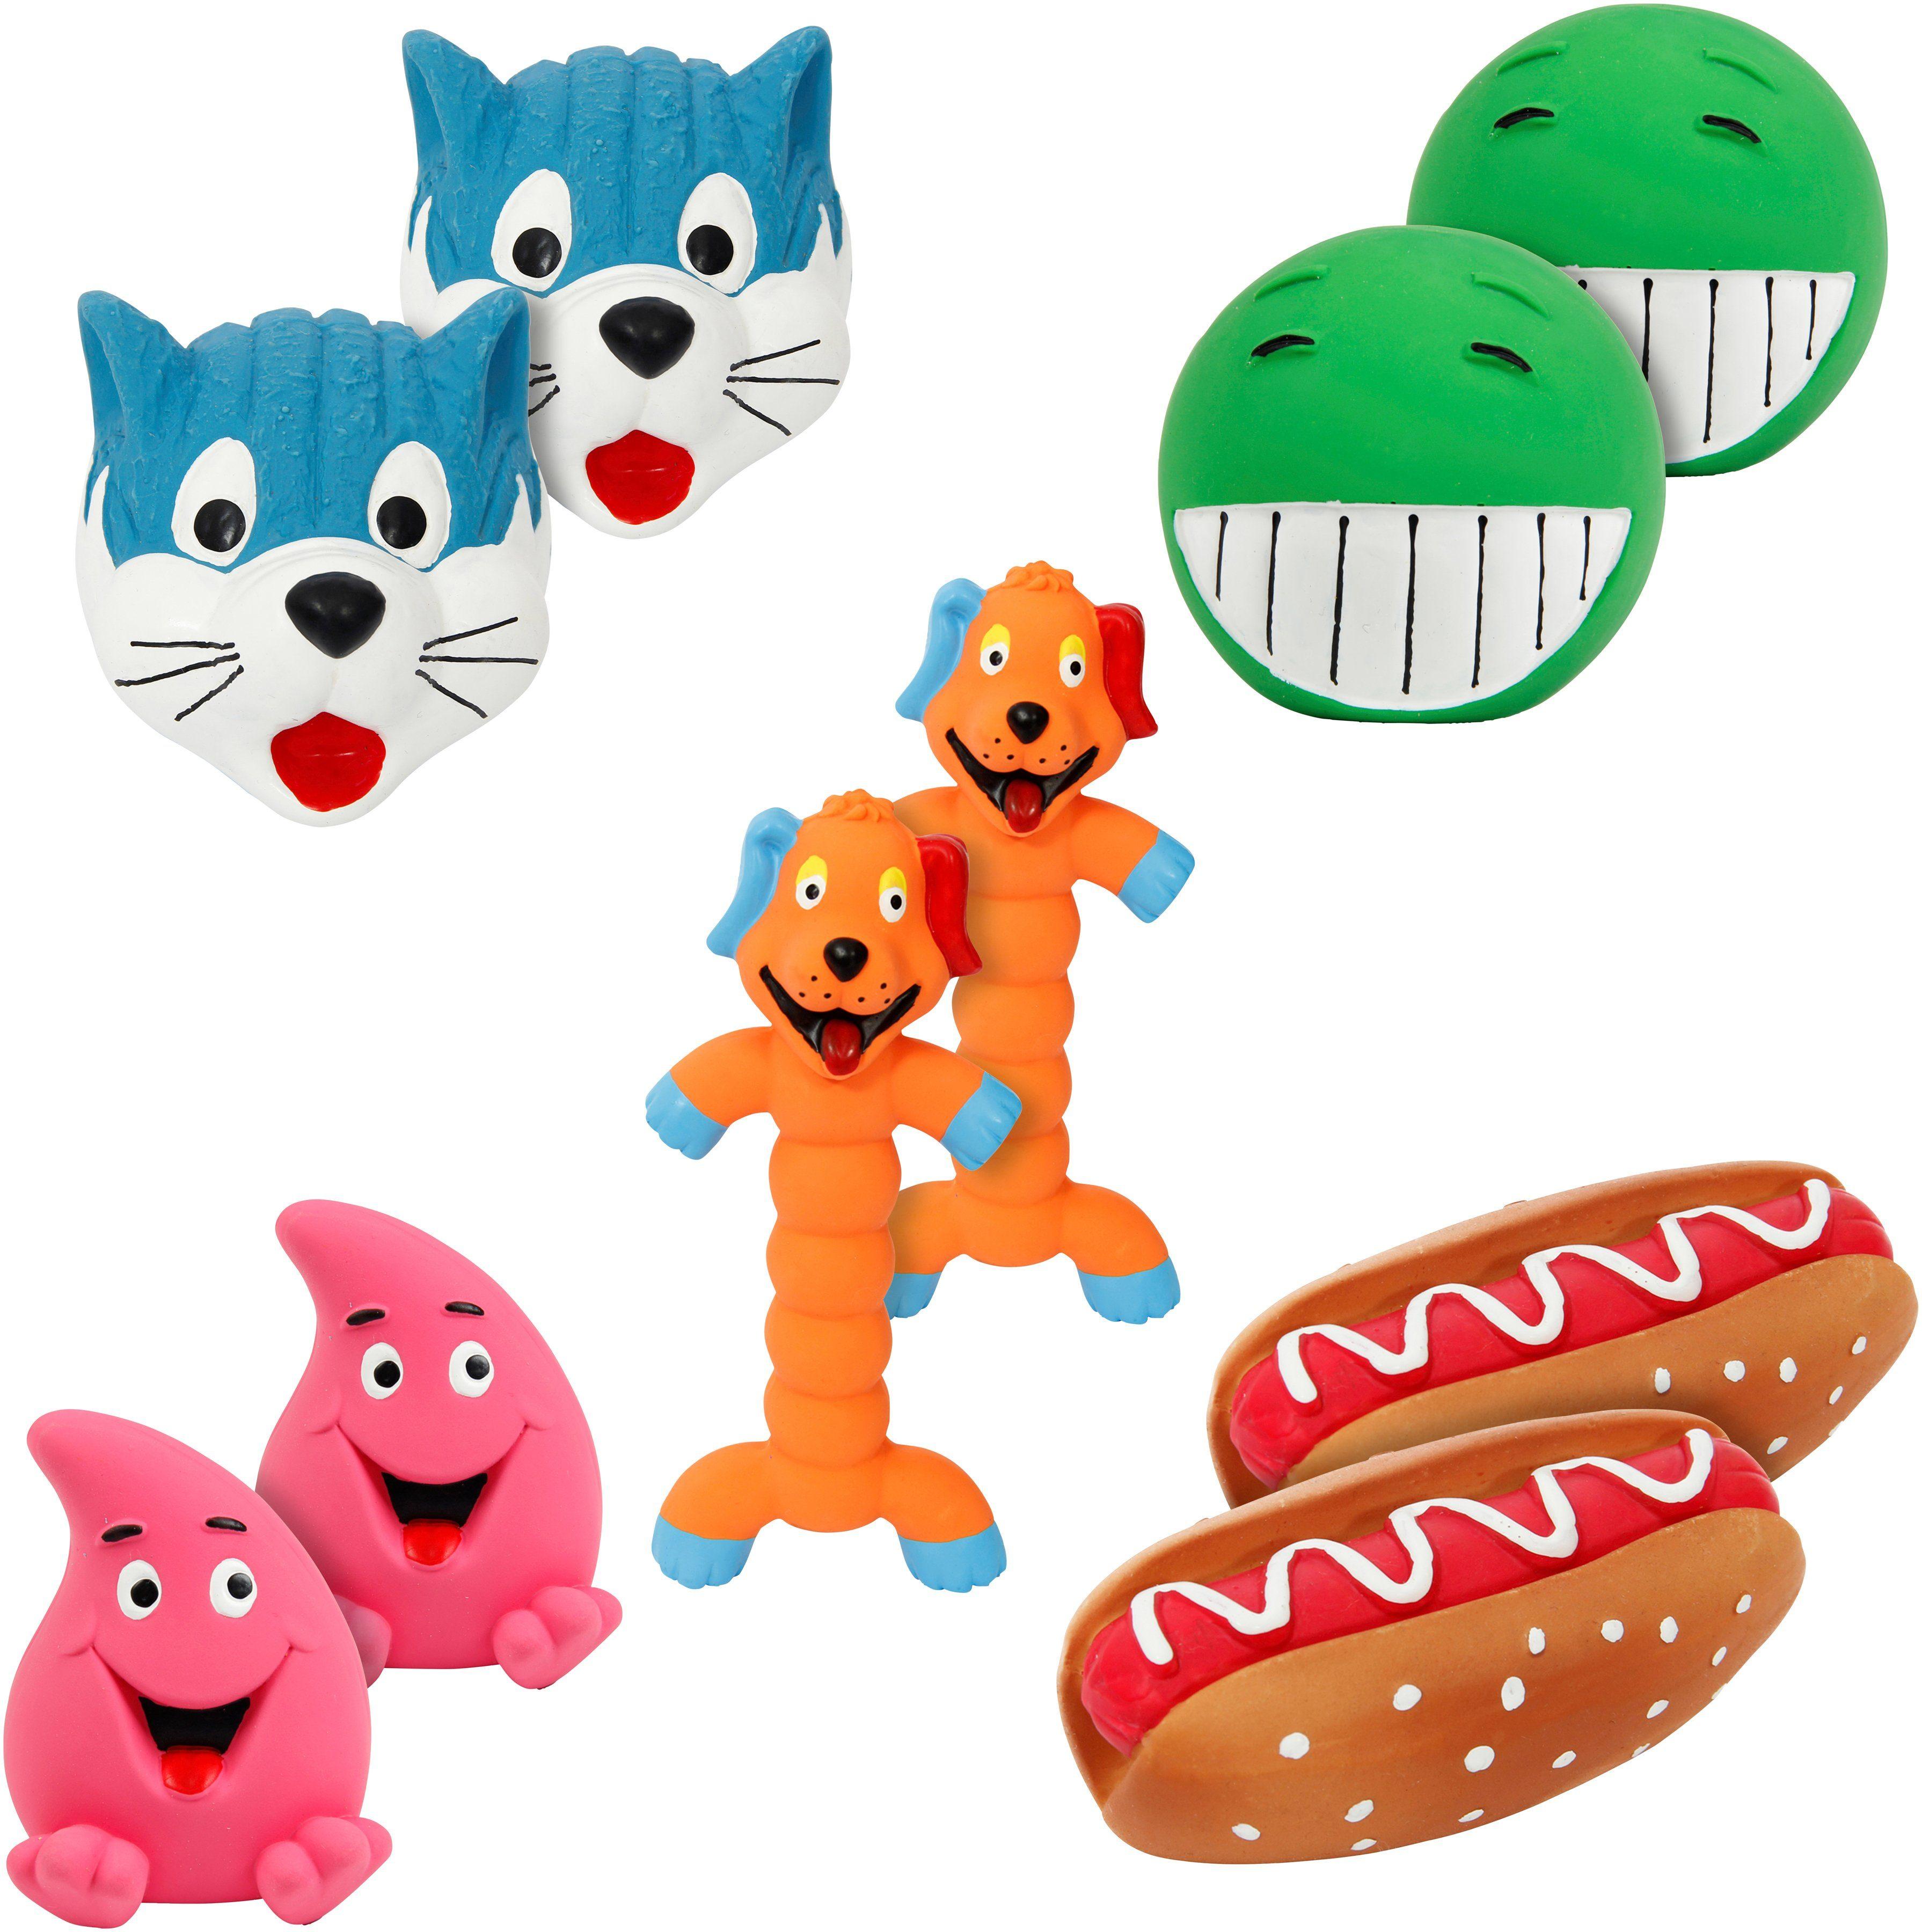 Heim 10-teiliges Hunde-Spielzeug-Set 5x2